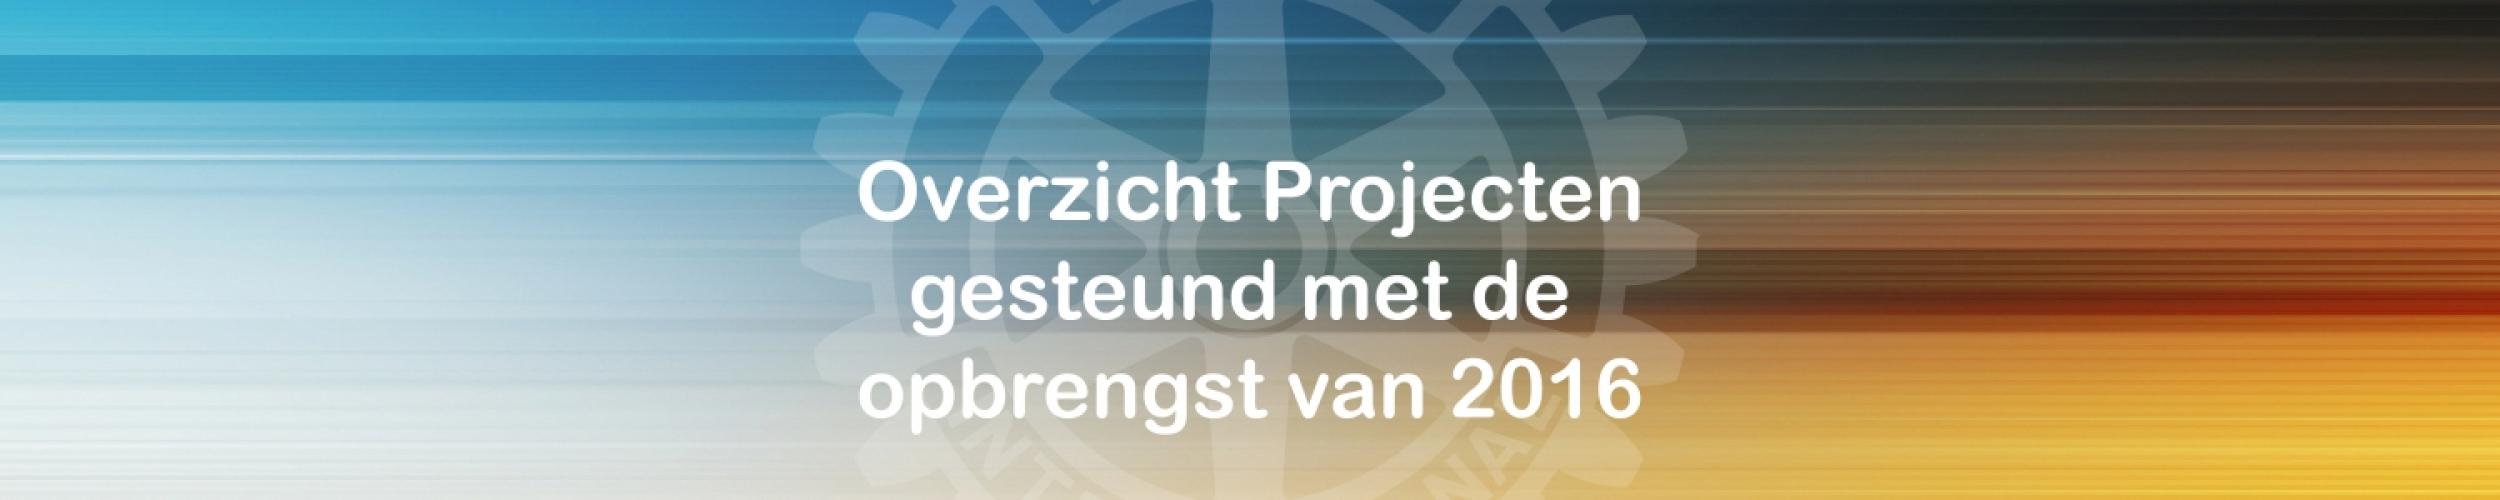 Overzicht gesteunde projecten met opbrengst 2016